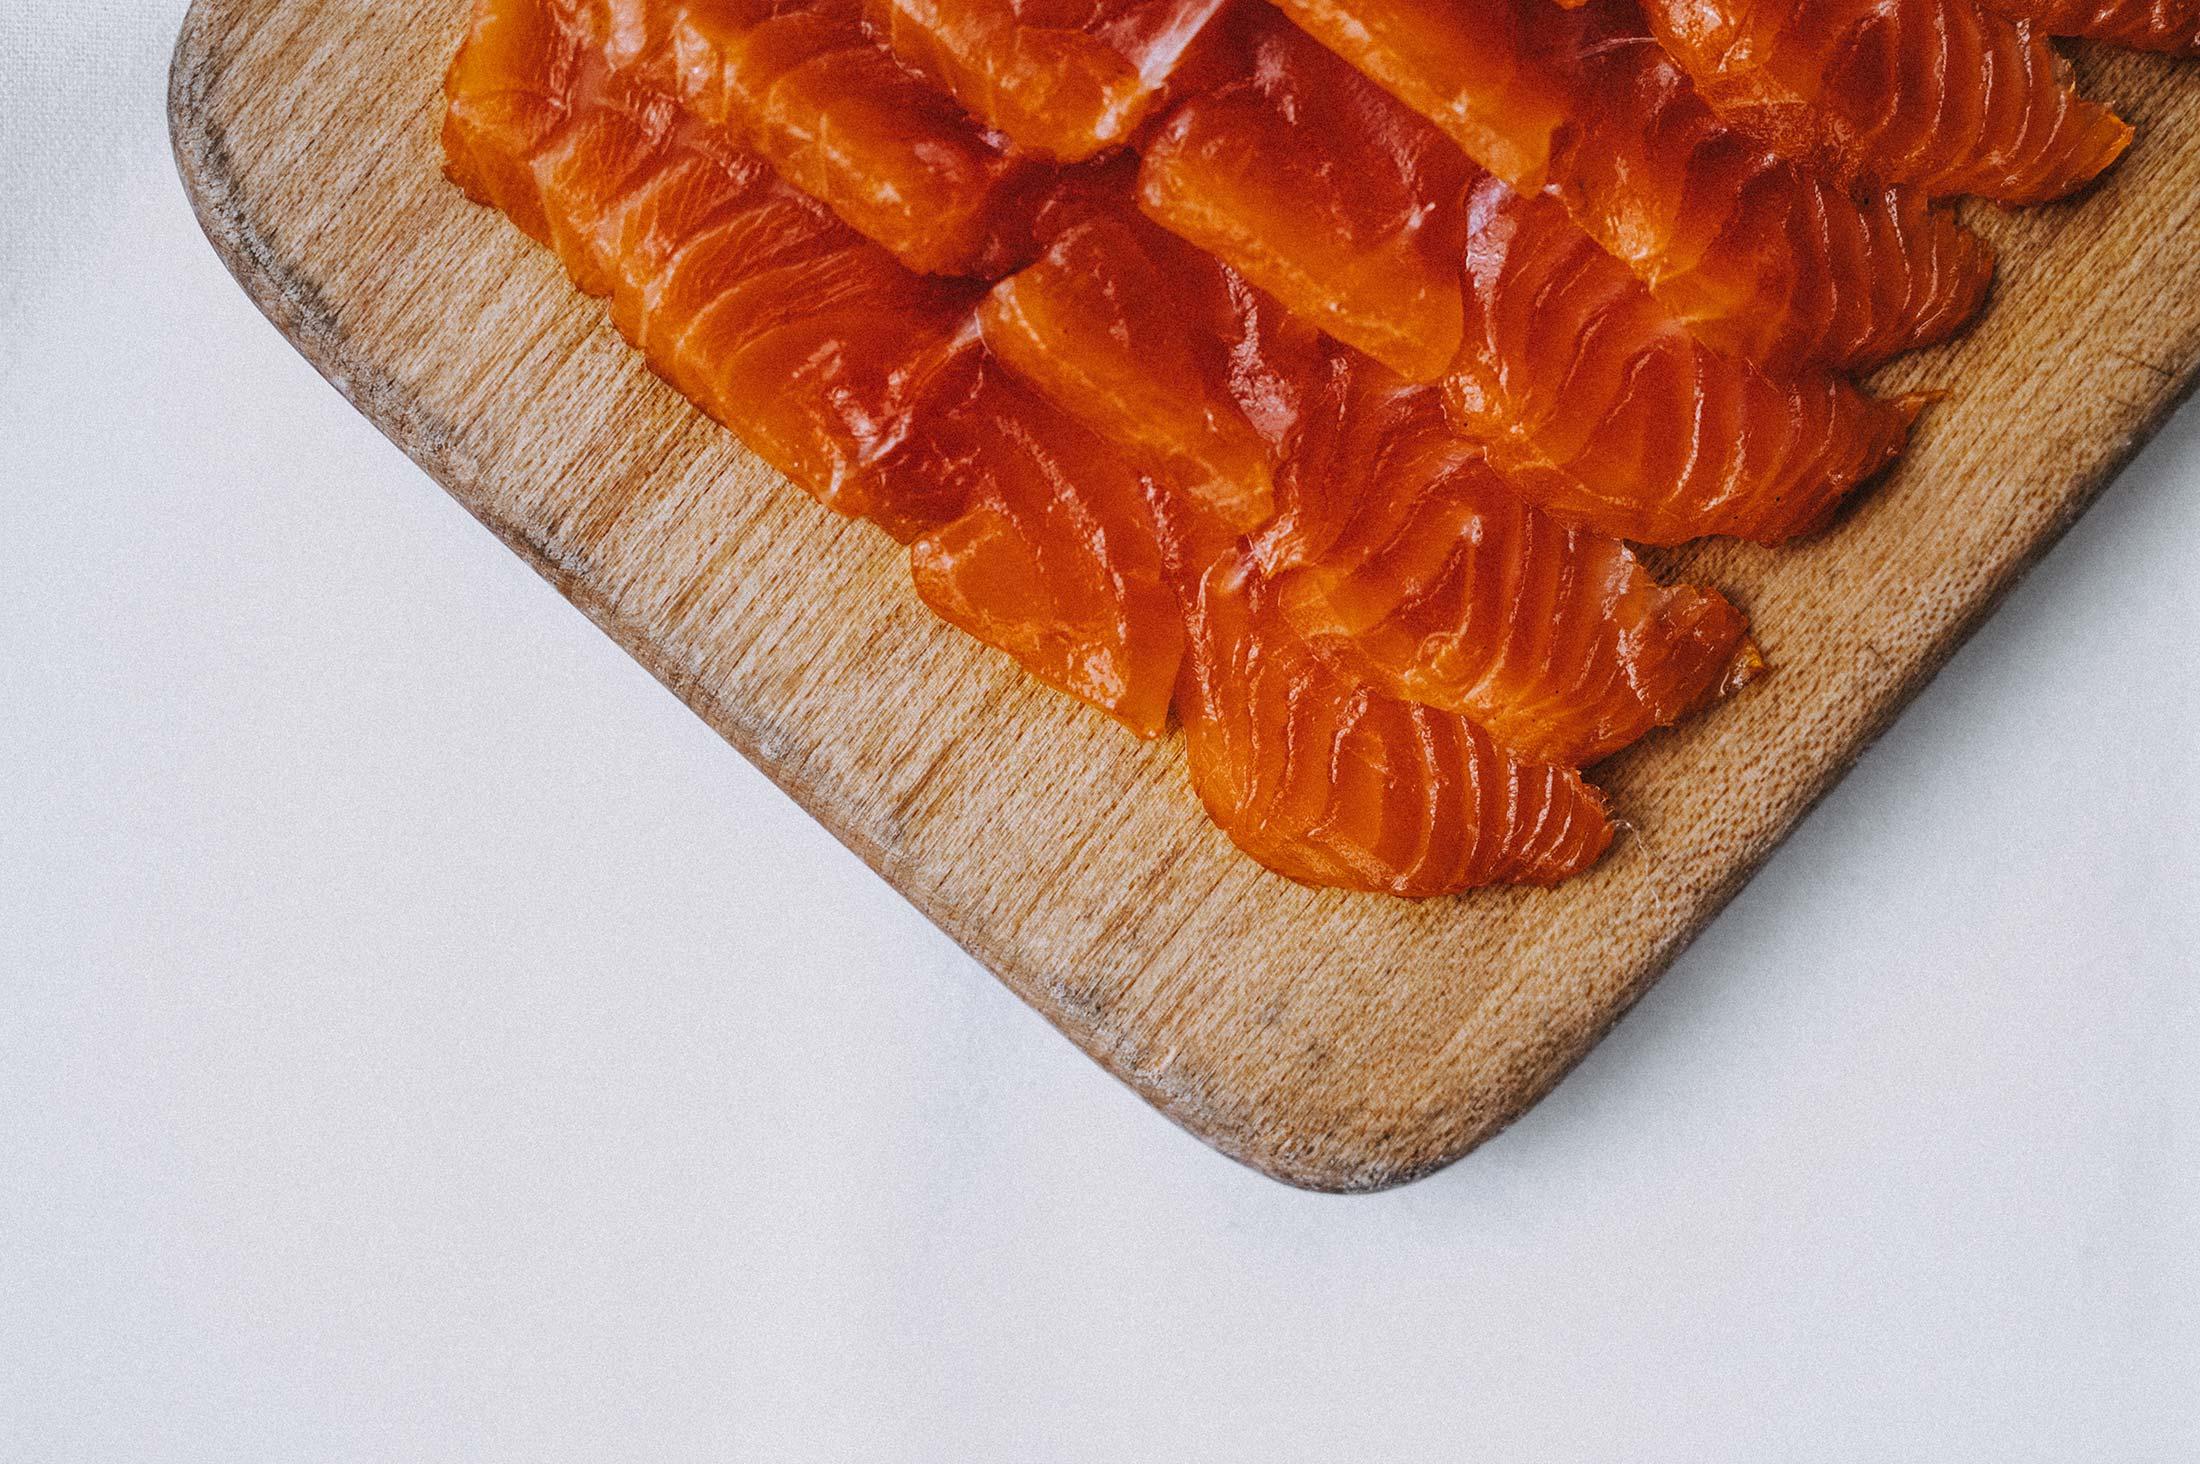 De Beauvoir smoked salmon